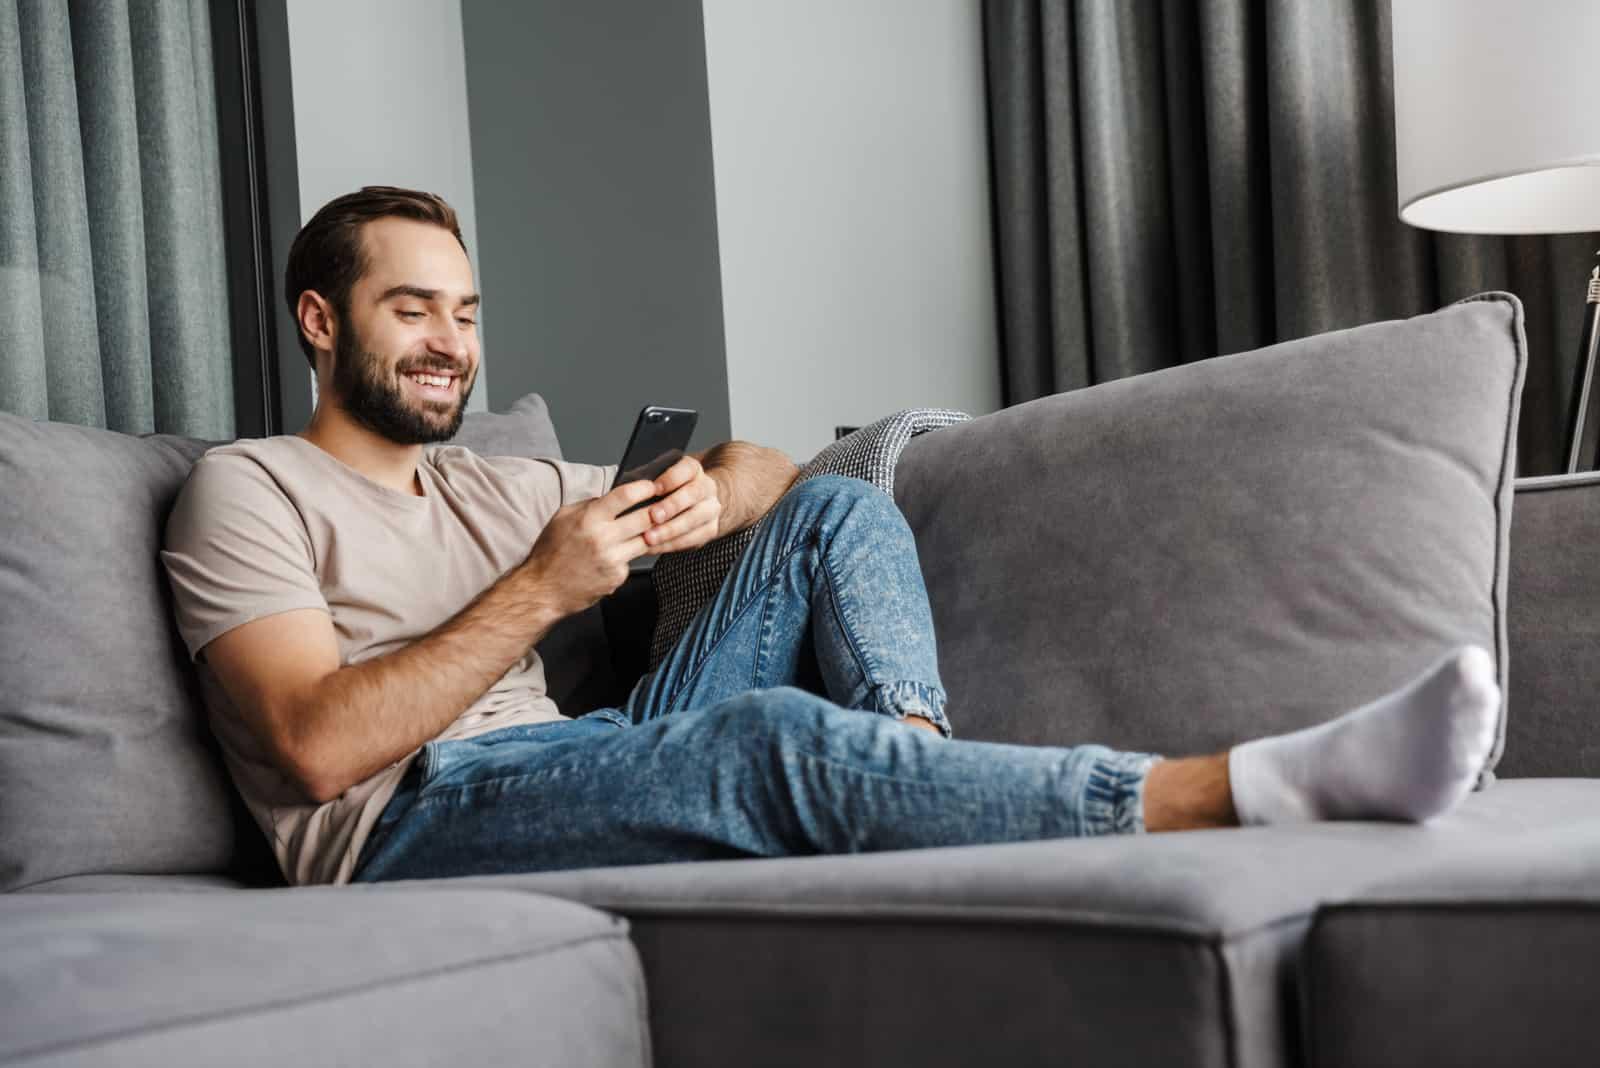 homme à la maison sur un canapé à l'aide de téléphone portable